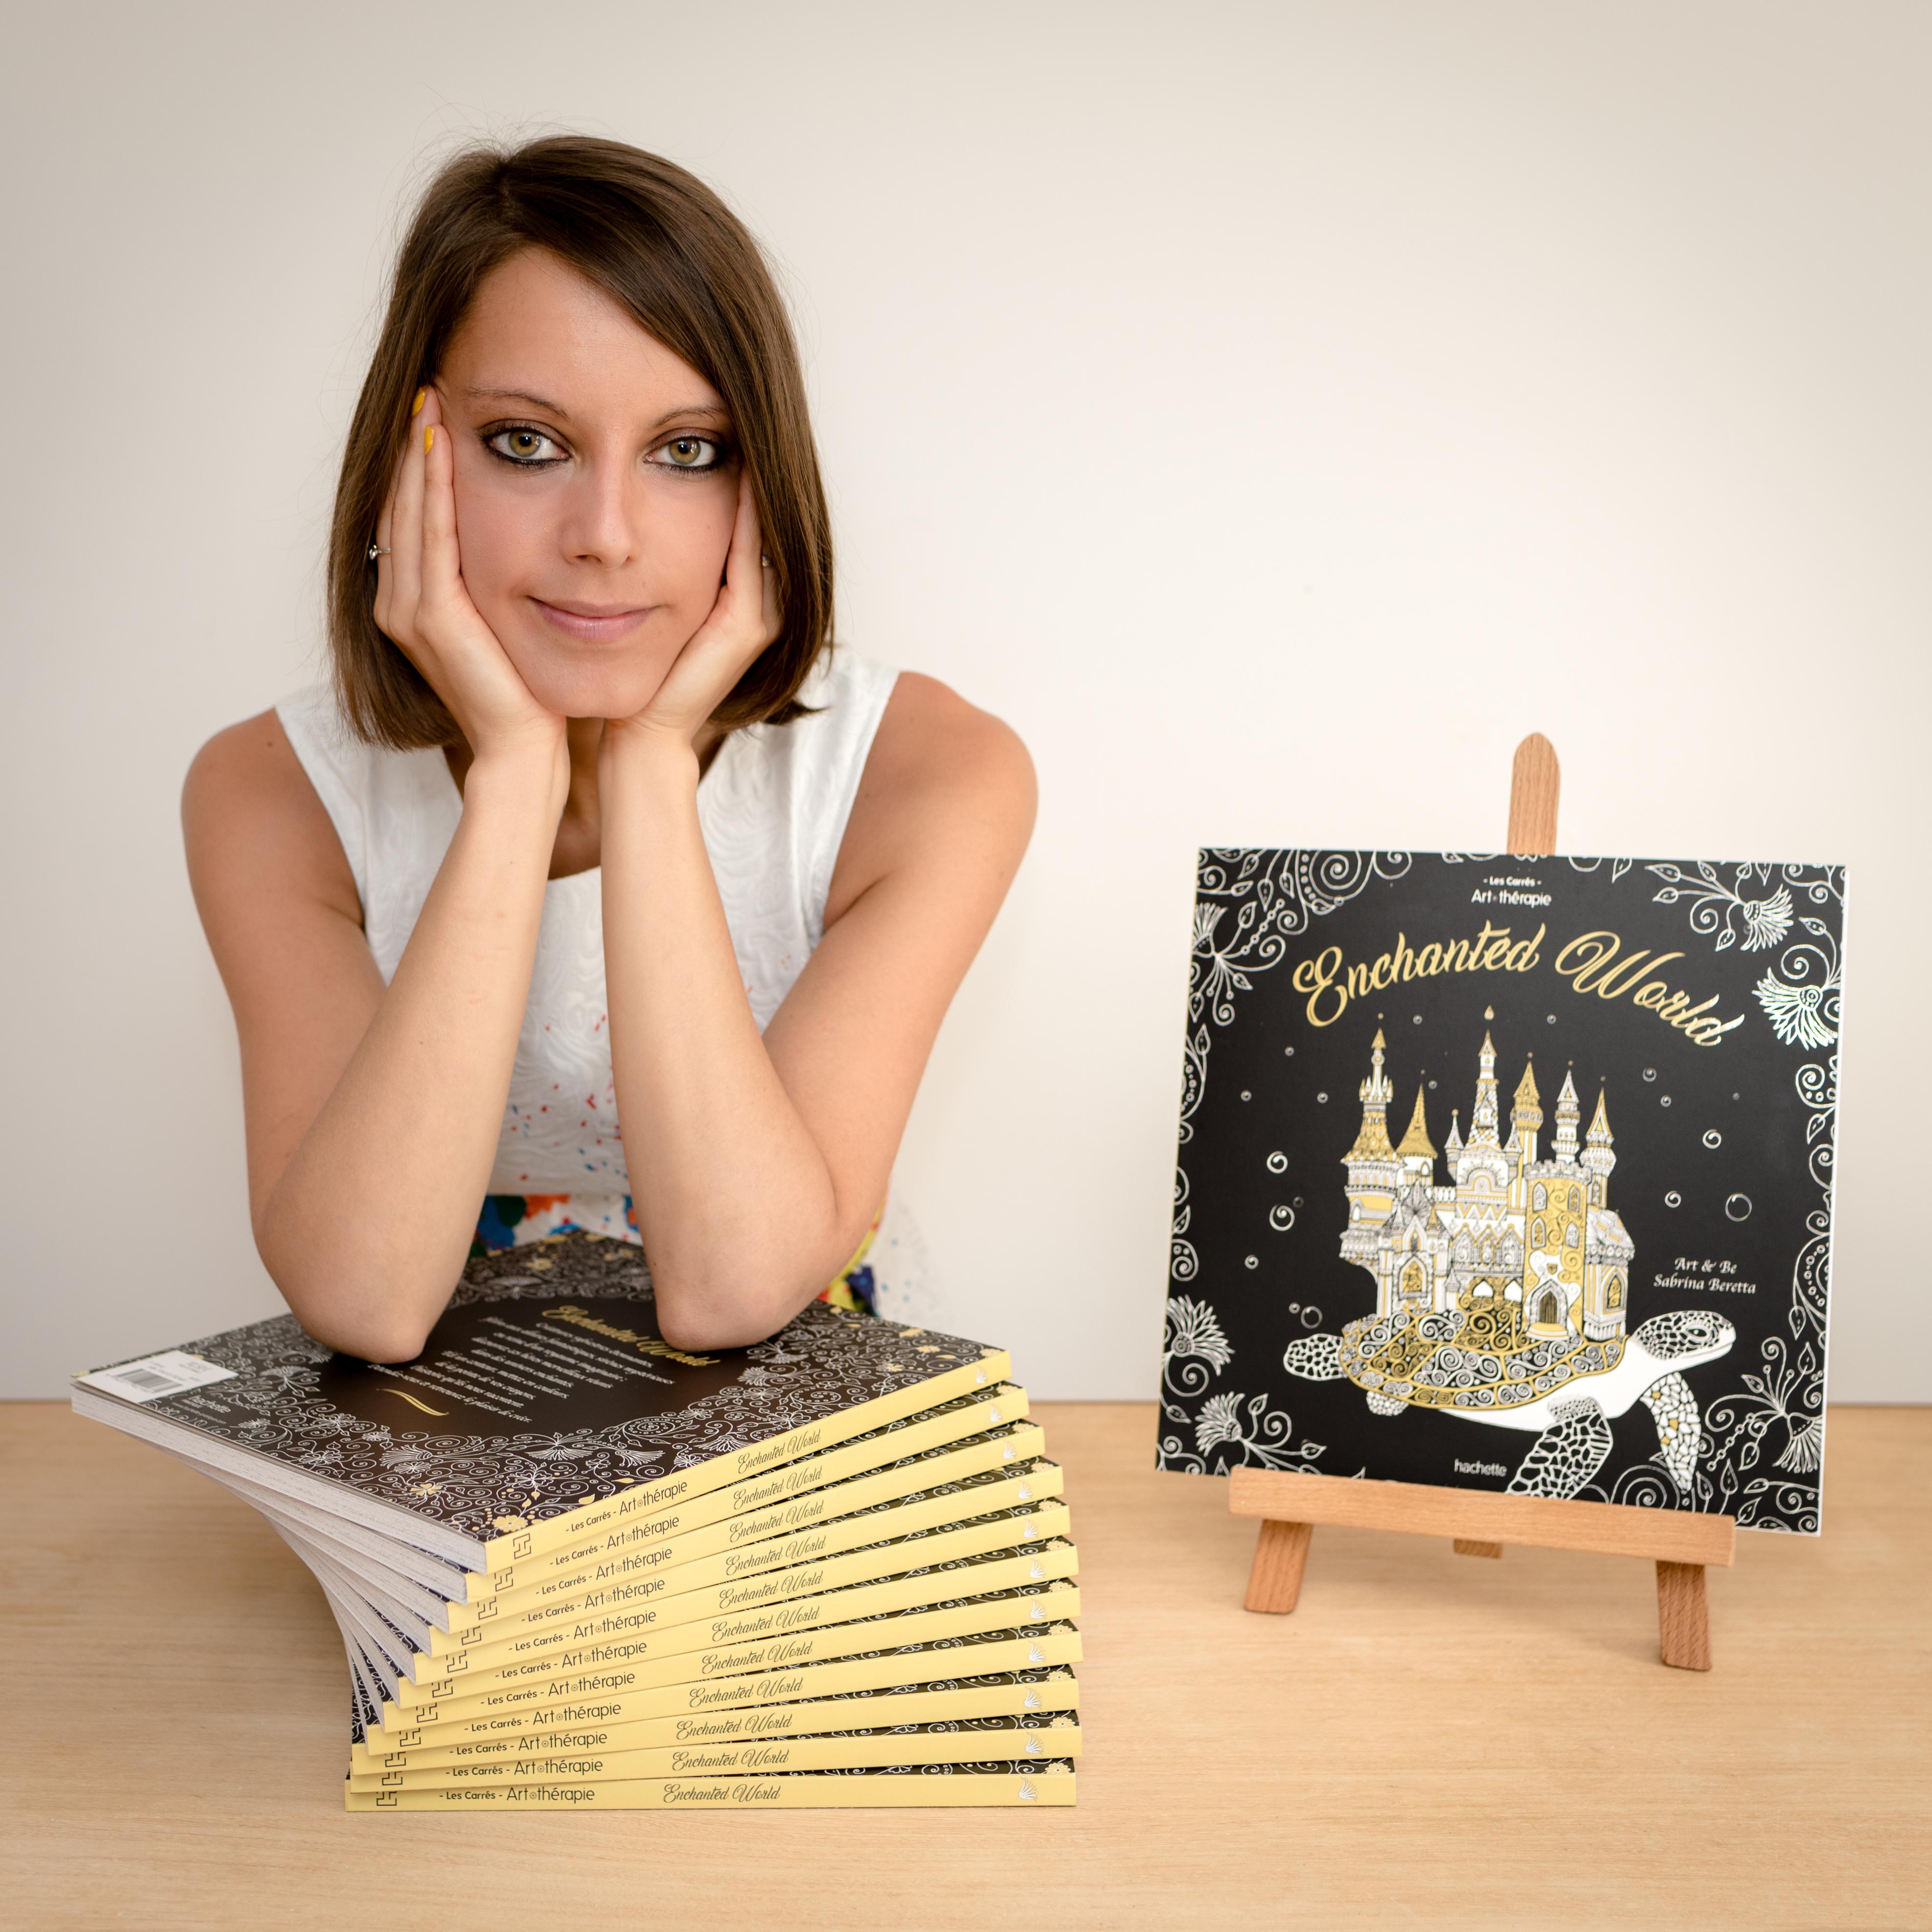 Sabrina Beretta présente son livre de coloriage Enchanted World aux éditions Hachette